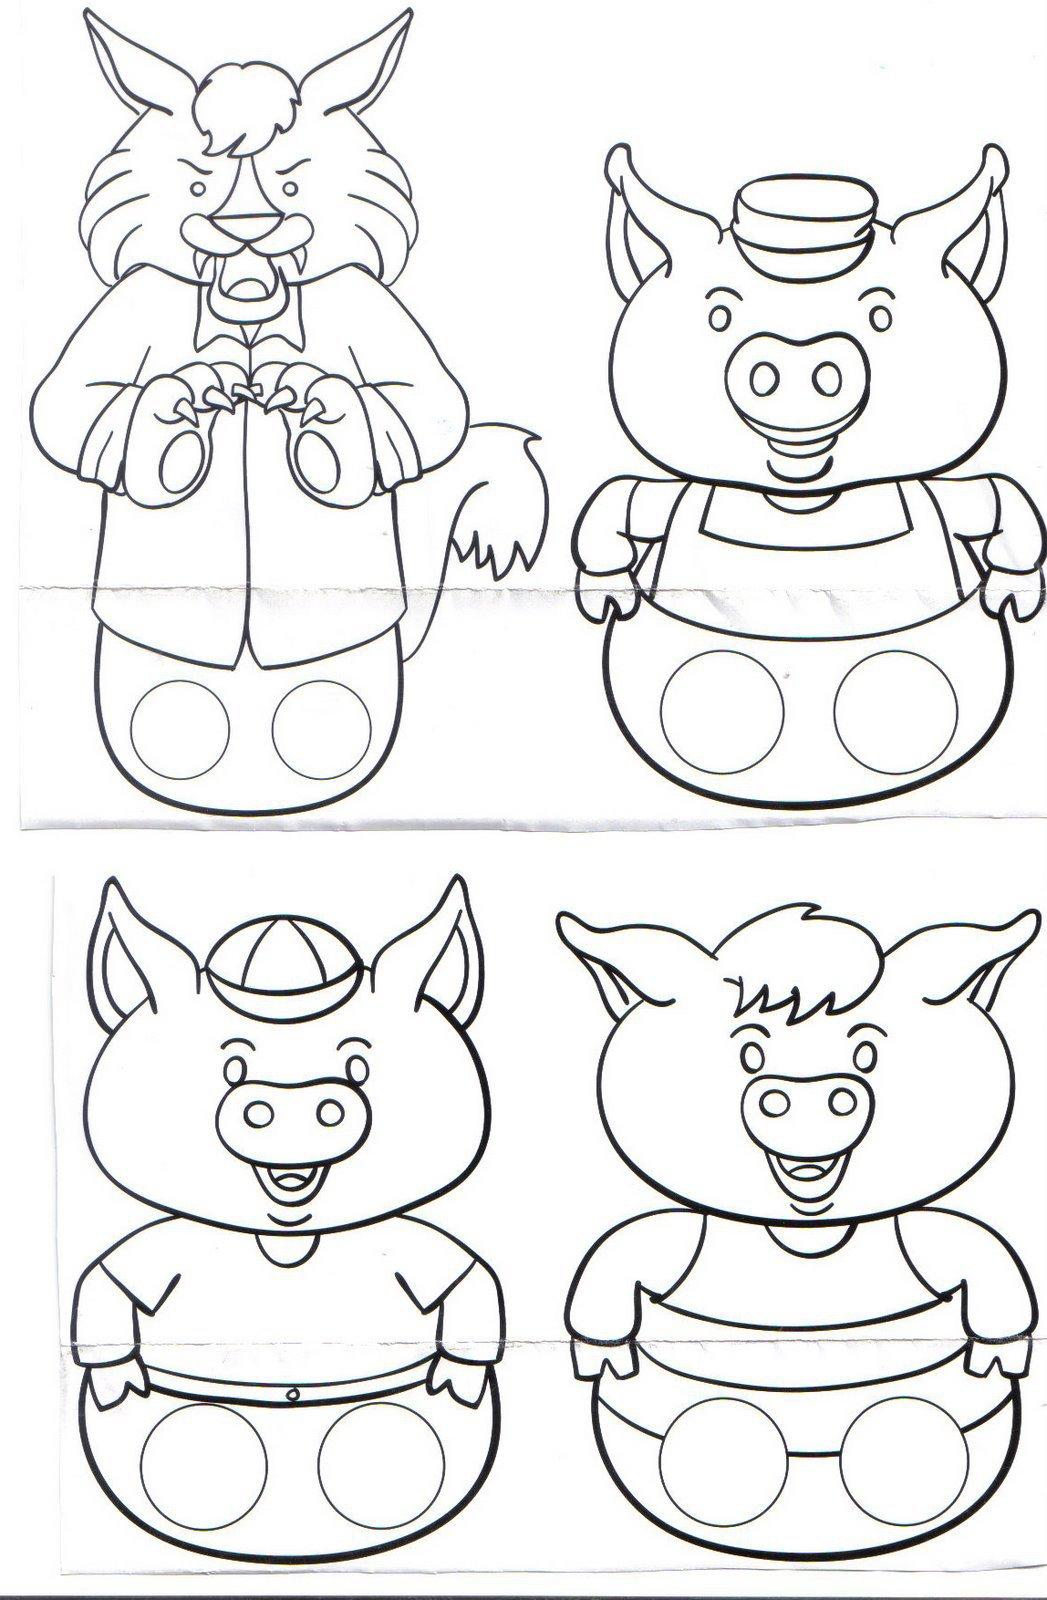 Atividade Infantil  Os TrÊs Porquinhos Atividades Contos De Fadas